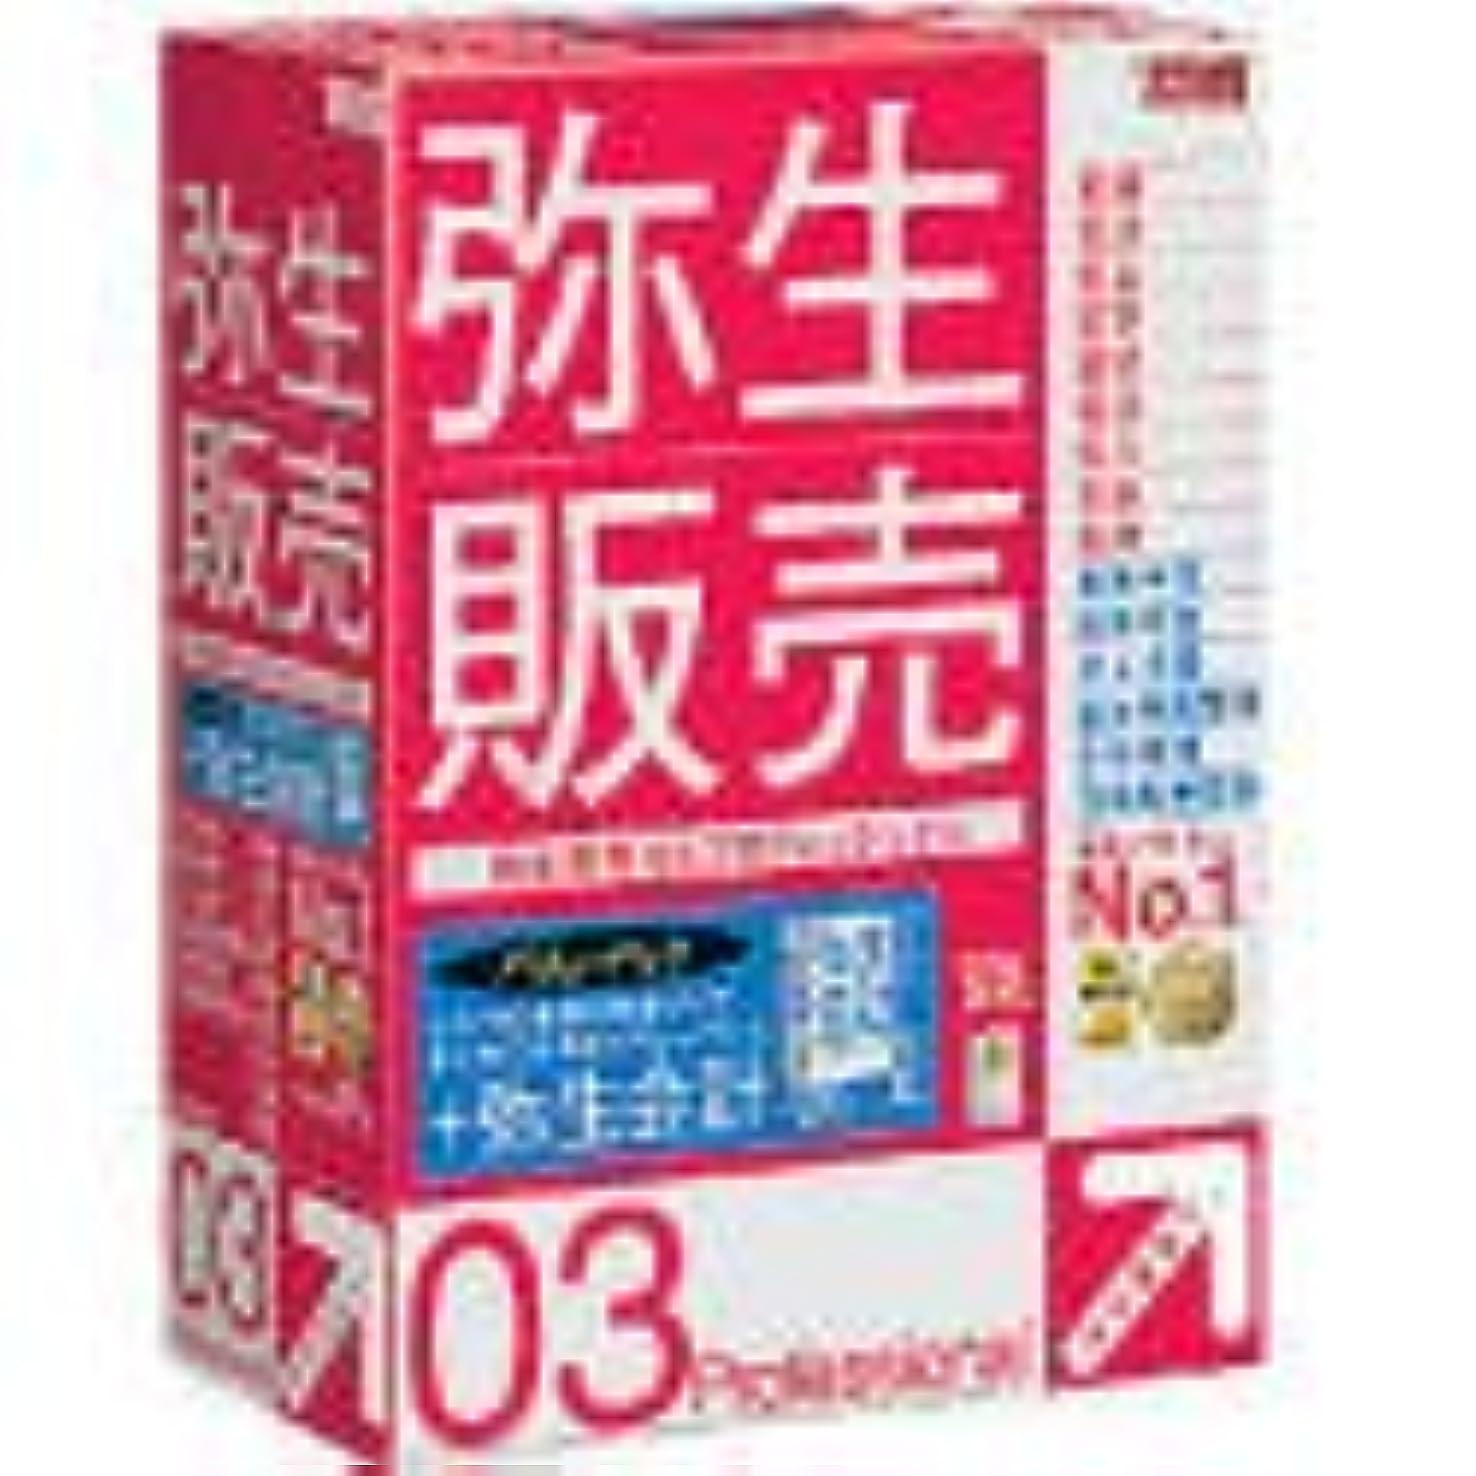 費やすアトムハブブ【旧商品】弥生販売 03 Professional バリューパック